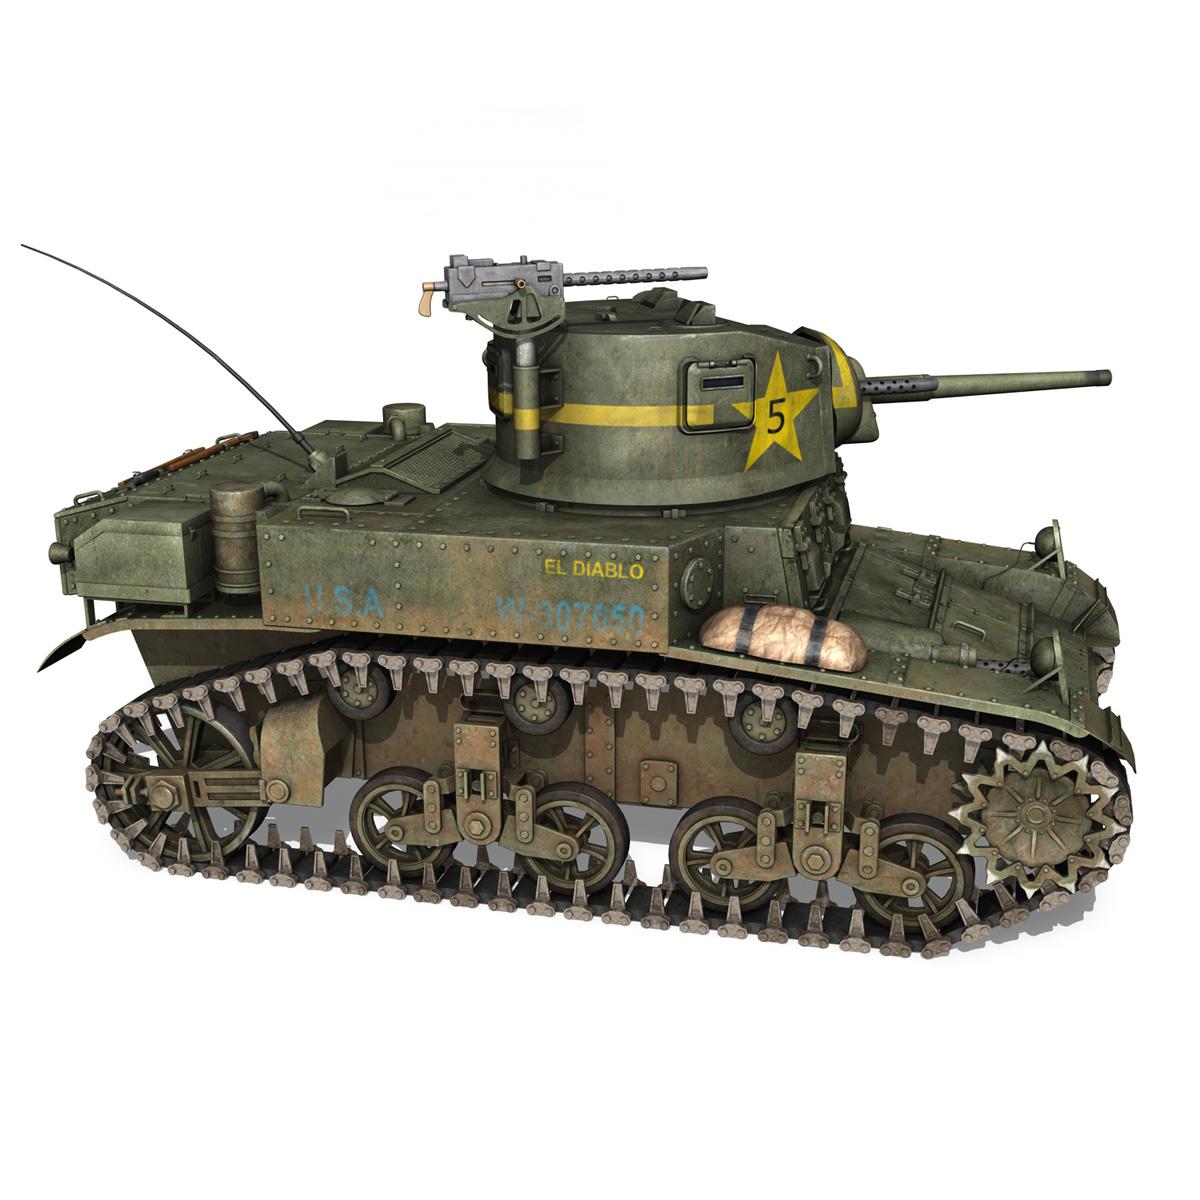 m3 light tank stuart – el diablo 3d model 3ds c4d fbx lwo lw lws obj 265359